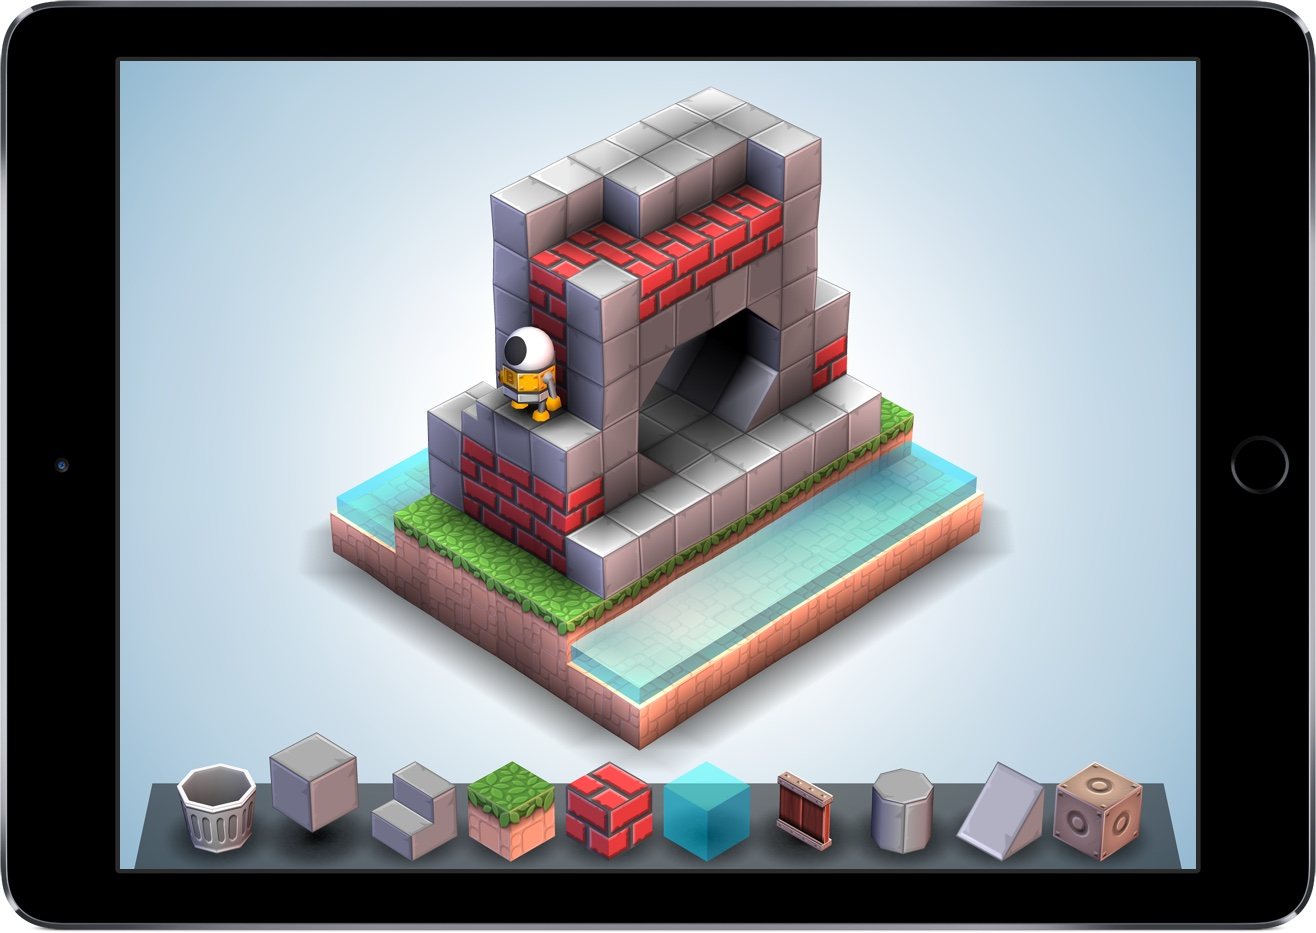 Mekorama 1.0 for iOS iPad screenshot 001